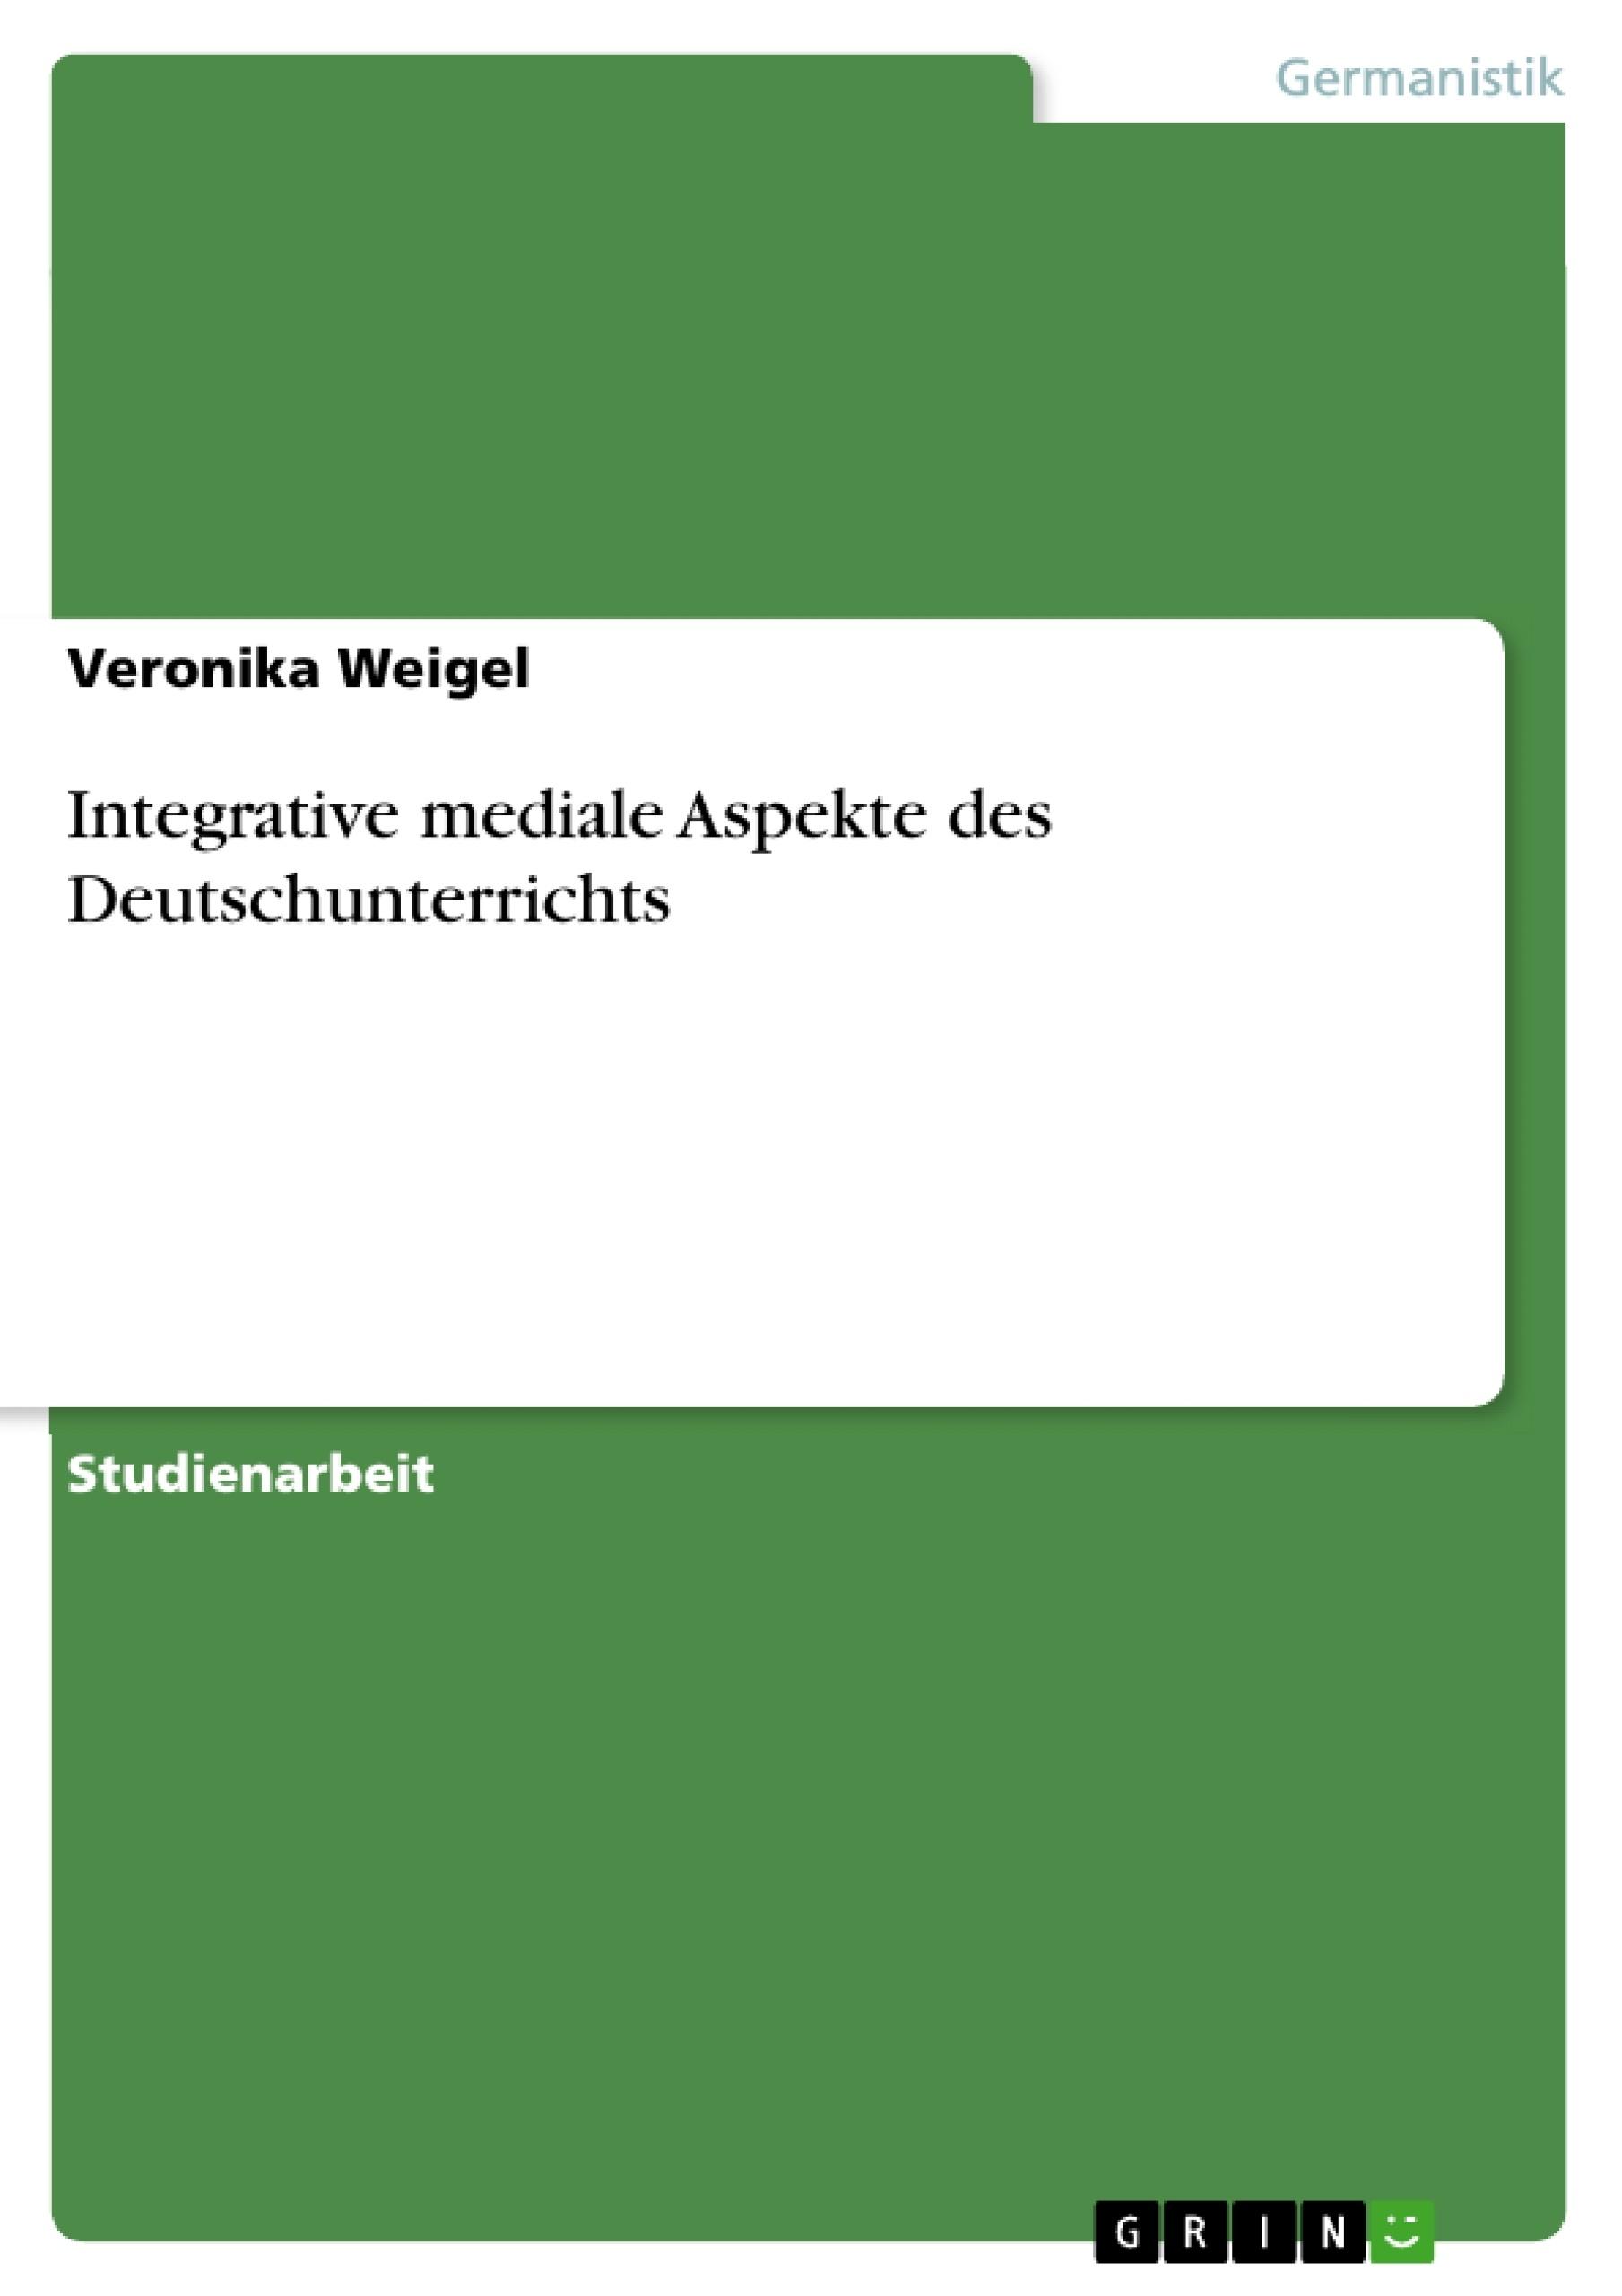 Titel: Integrative mediale Aspekte des Deutschunterrichts